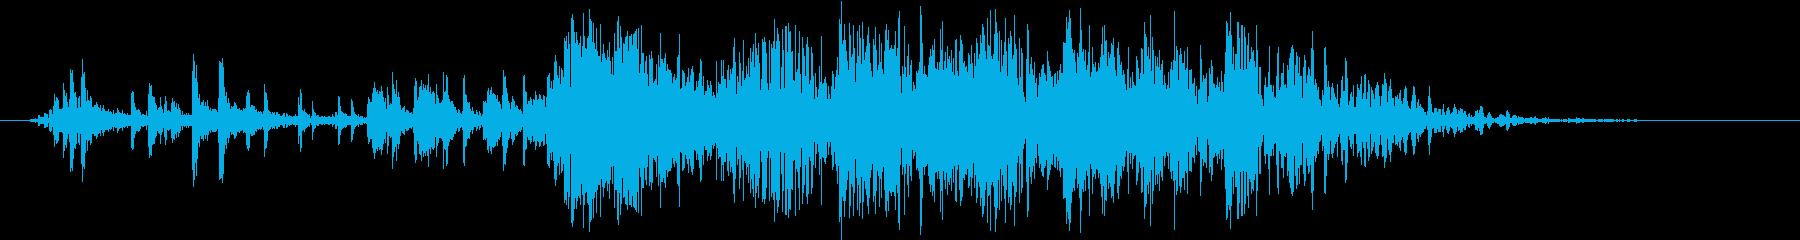 圧力スプリンターと崩壊の再生済みの波形